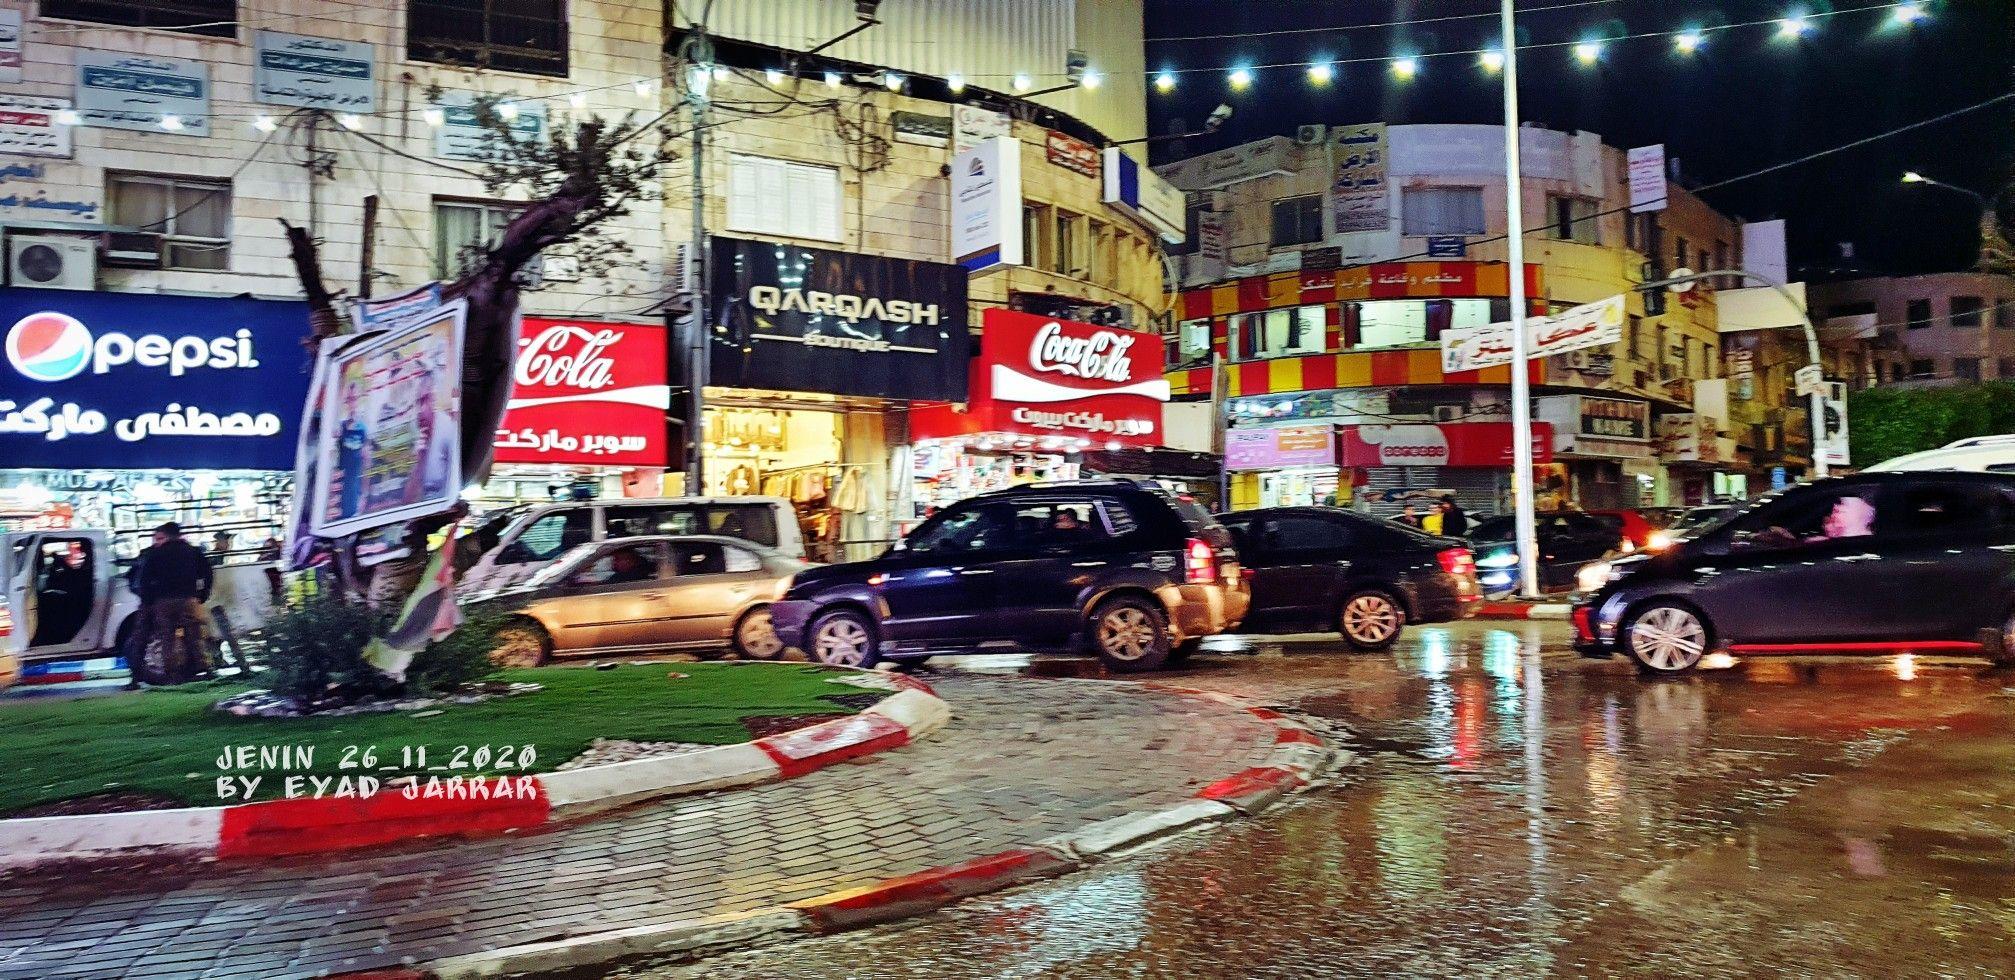 صناعة الأفلام في العراق تقاسي عقم ا كبير ا بغياب الجماهير وتدخل السياسة Baghdad Baghdad Iraq Iraq